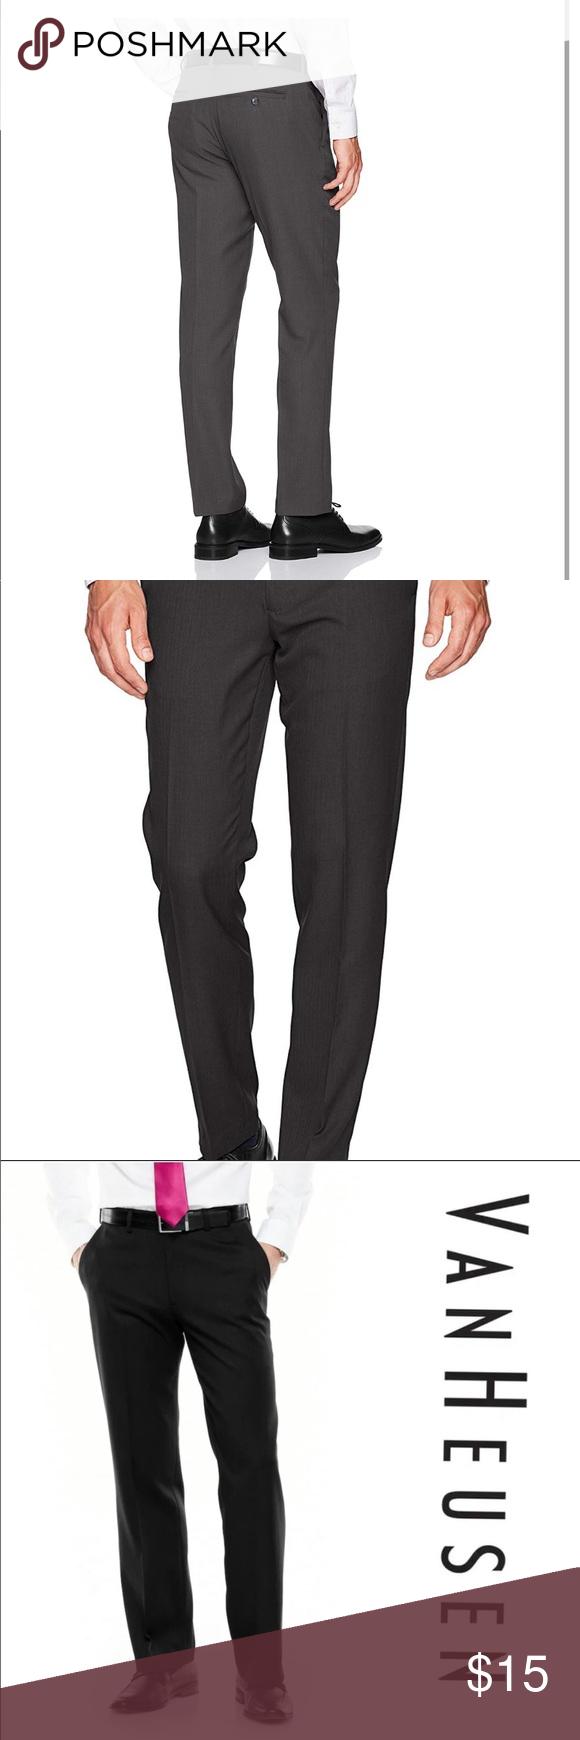 Van Heusen Black Dress Pants In 2020 Slim Fit Dress Pants Black Dress Slacks Navy Blue Dress Pants [ 1740 x 580 Pixel ]